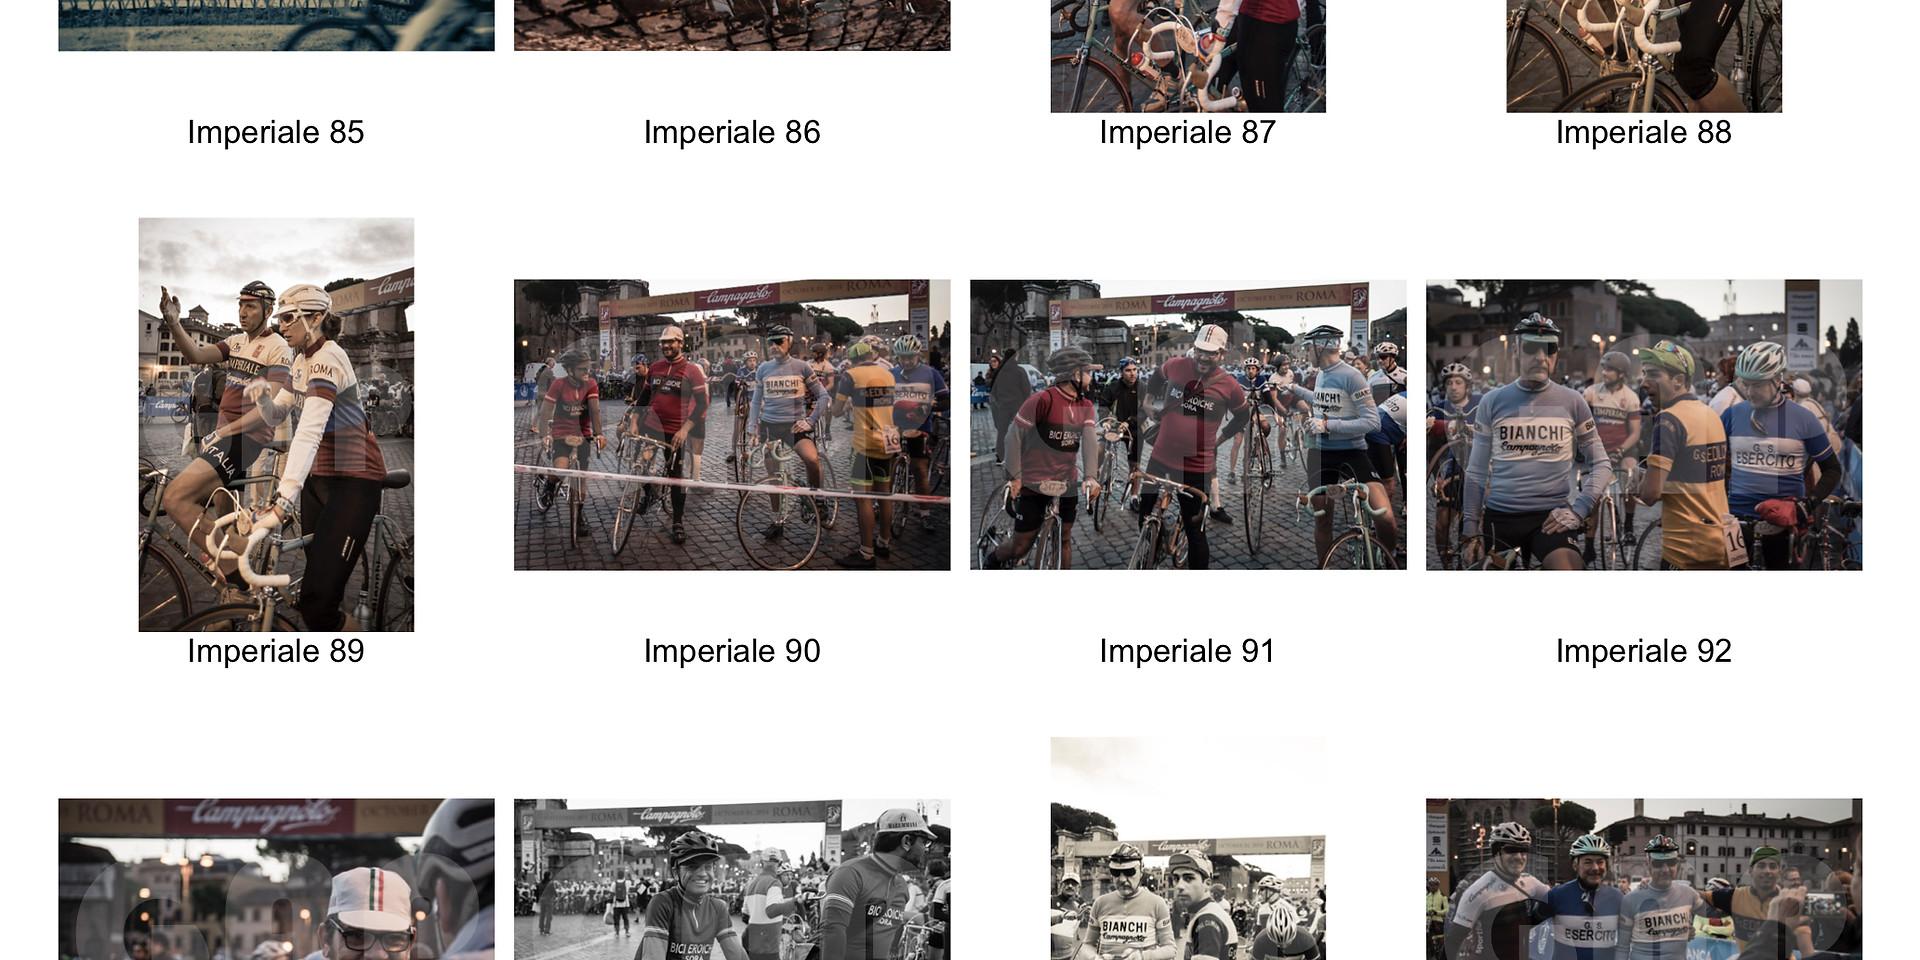 Imperiale-05.jpg